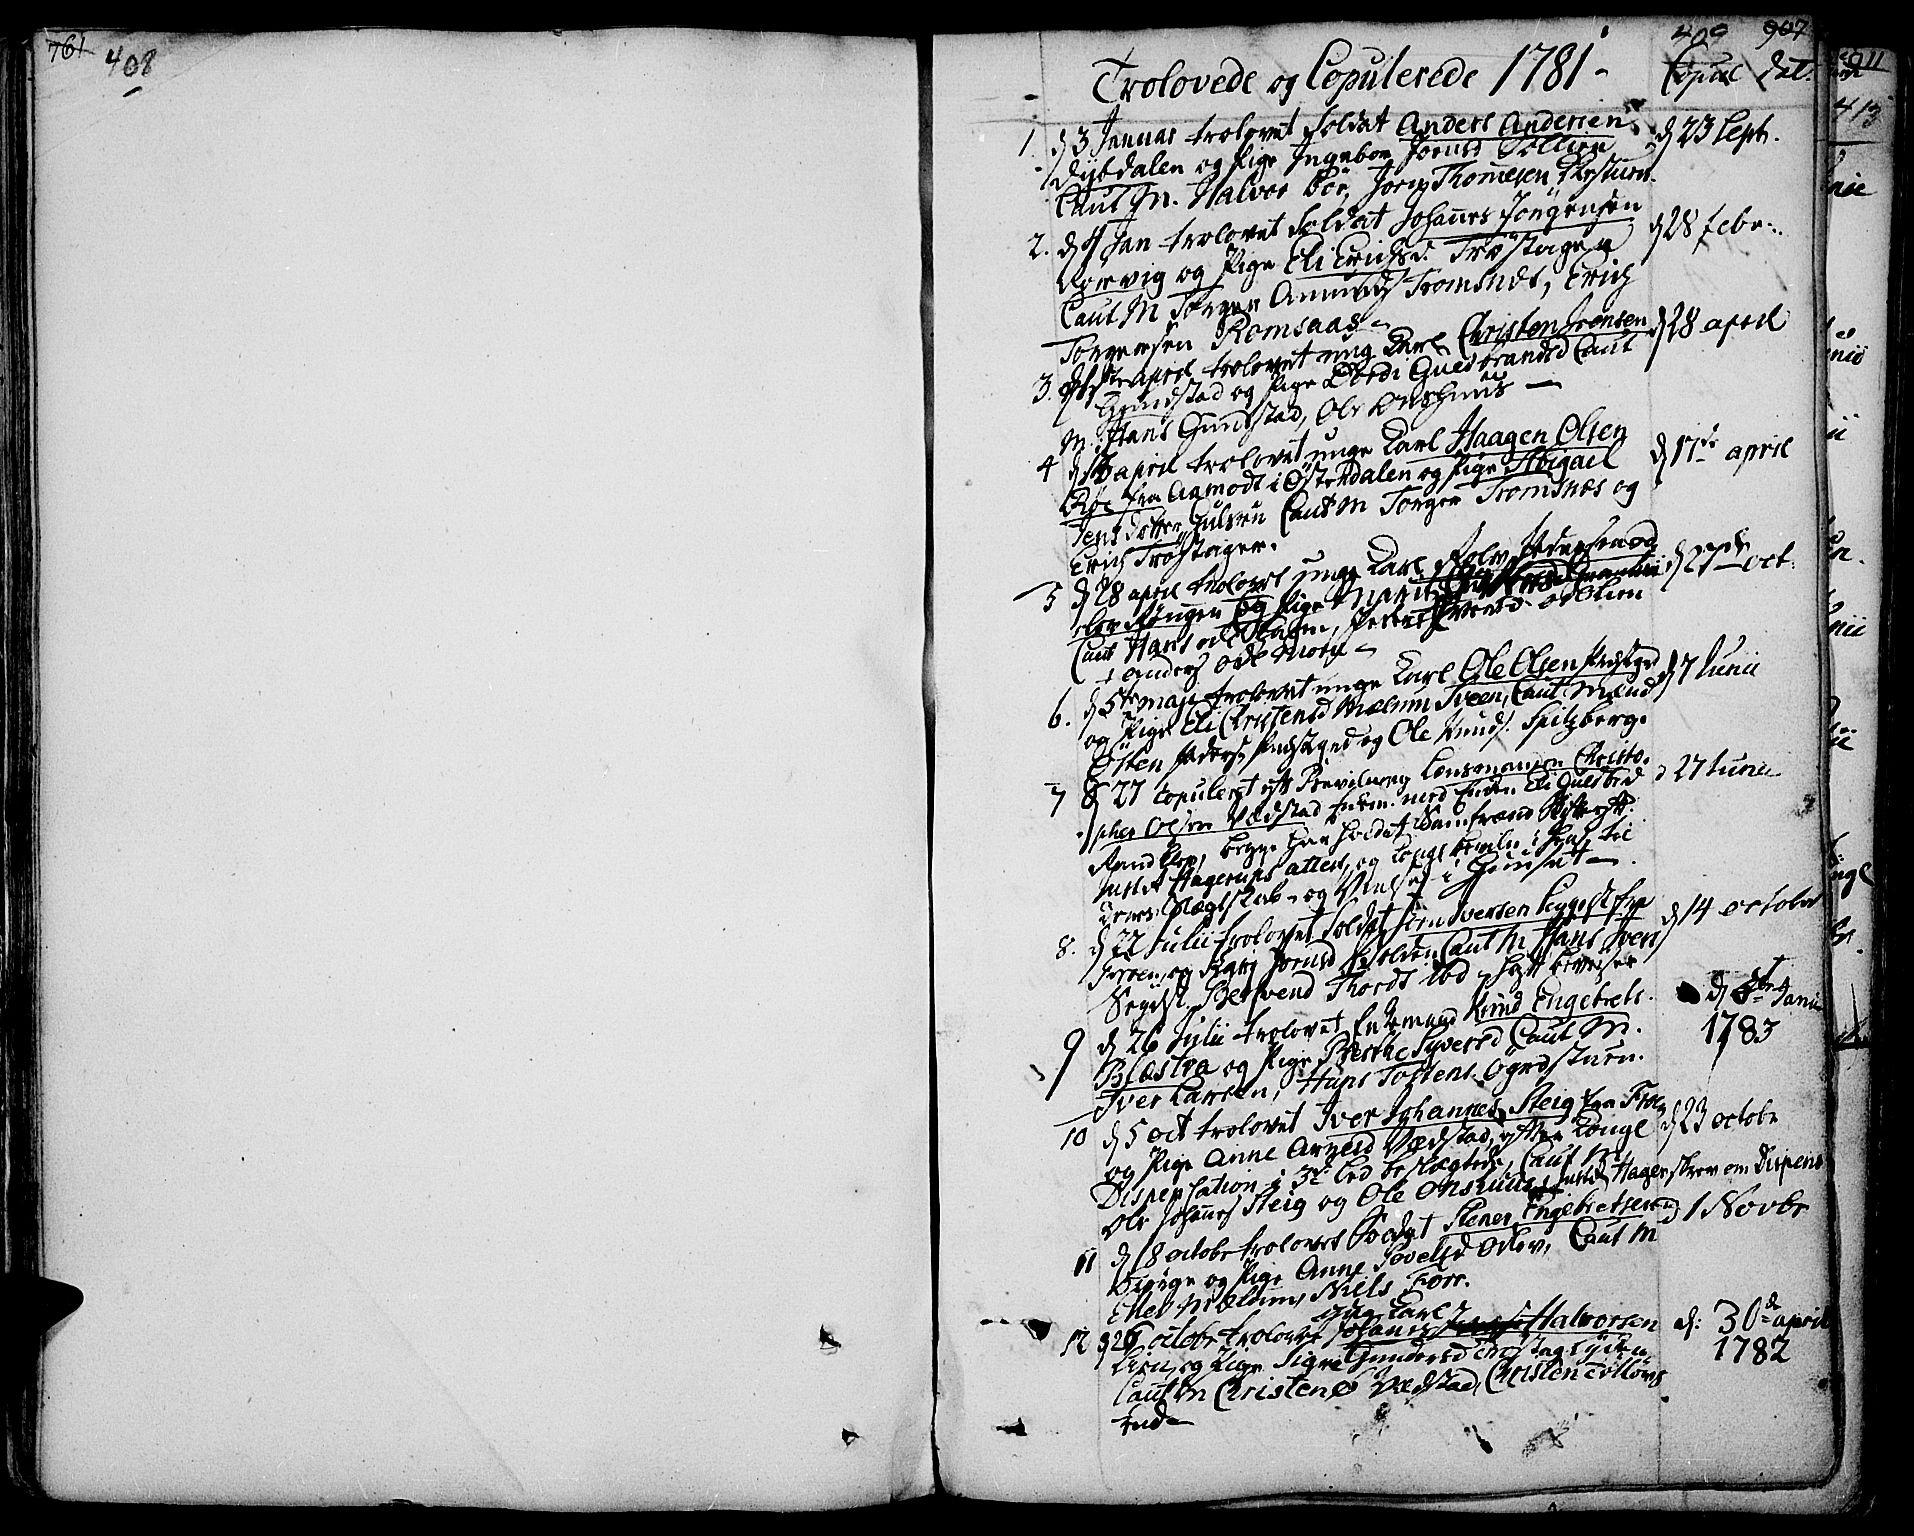 SAH, Ringebu prestekontor, Parish register (official) no. 3, 1781-1820, p. 408-409